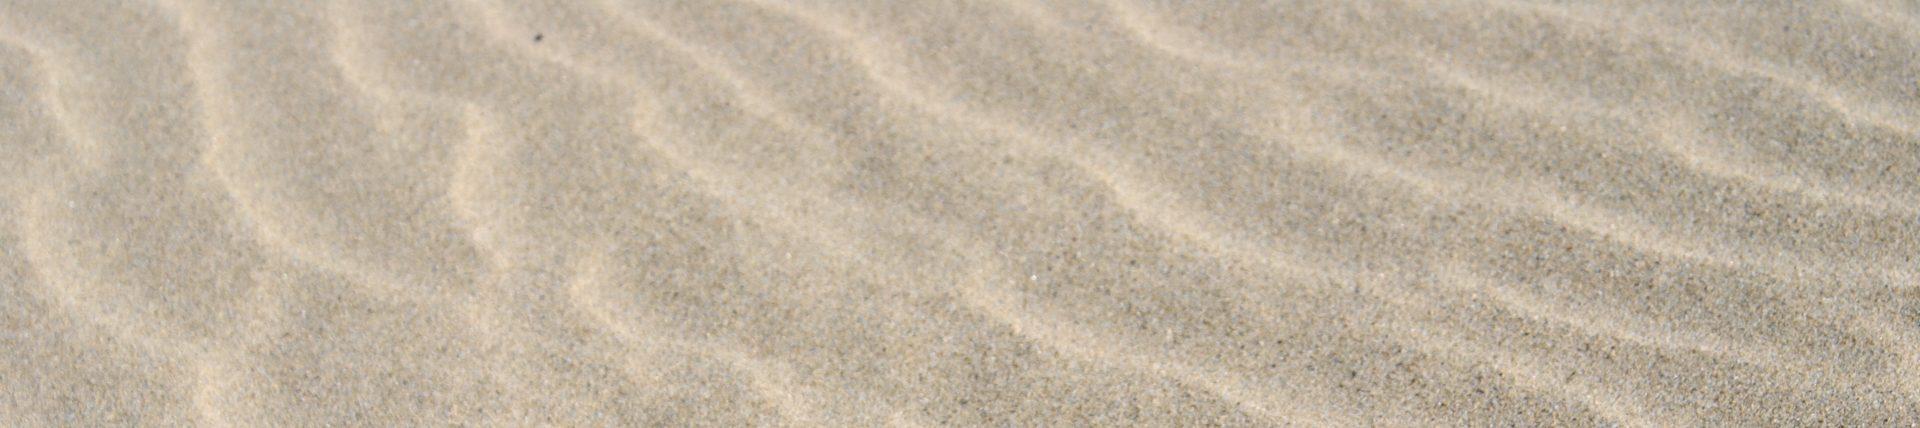 砂浴(砂療法)コム